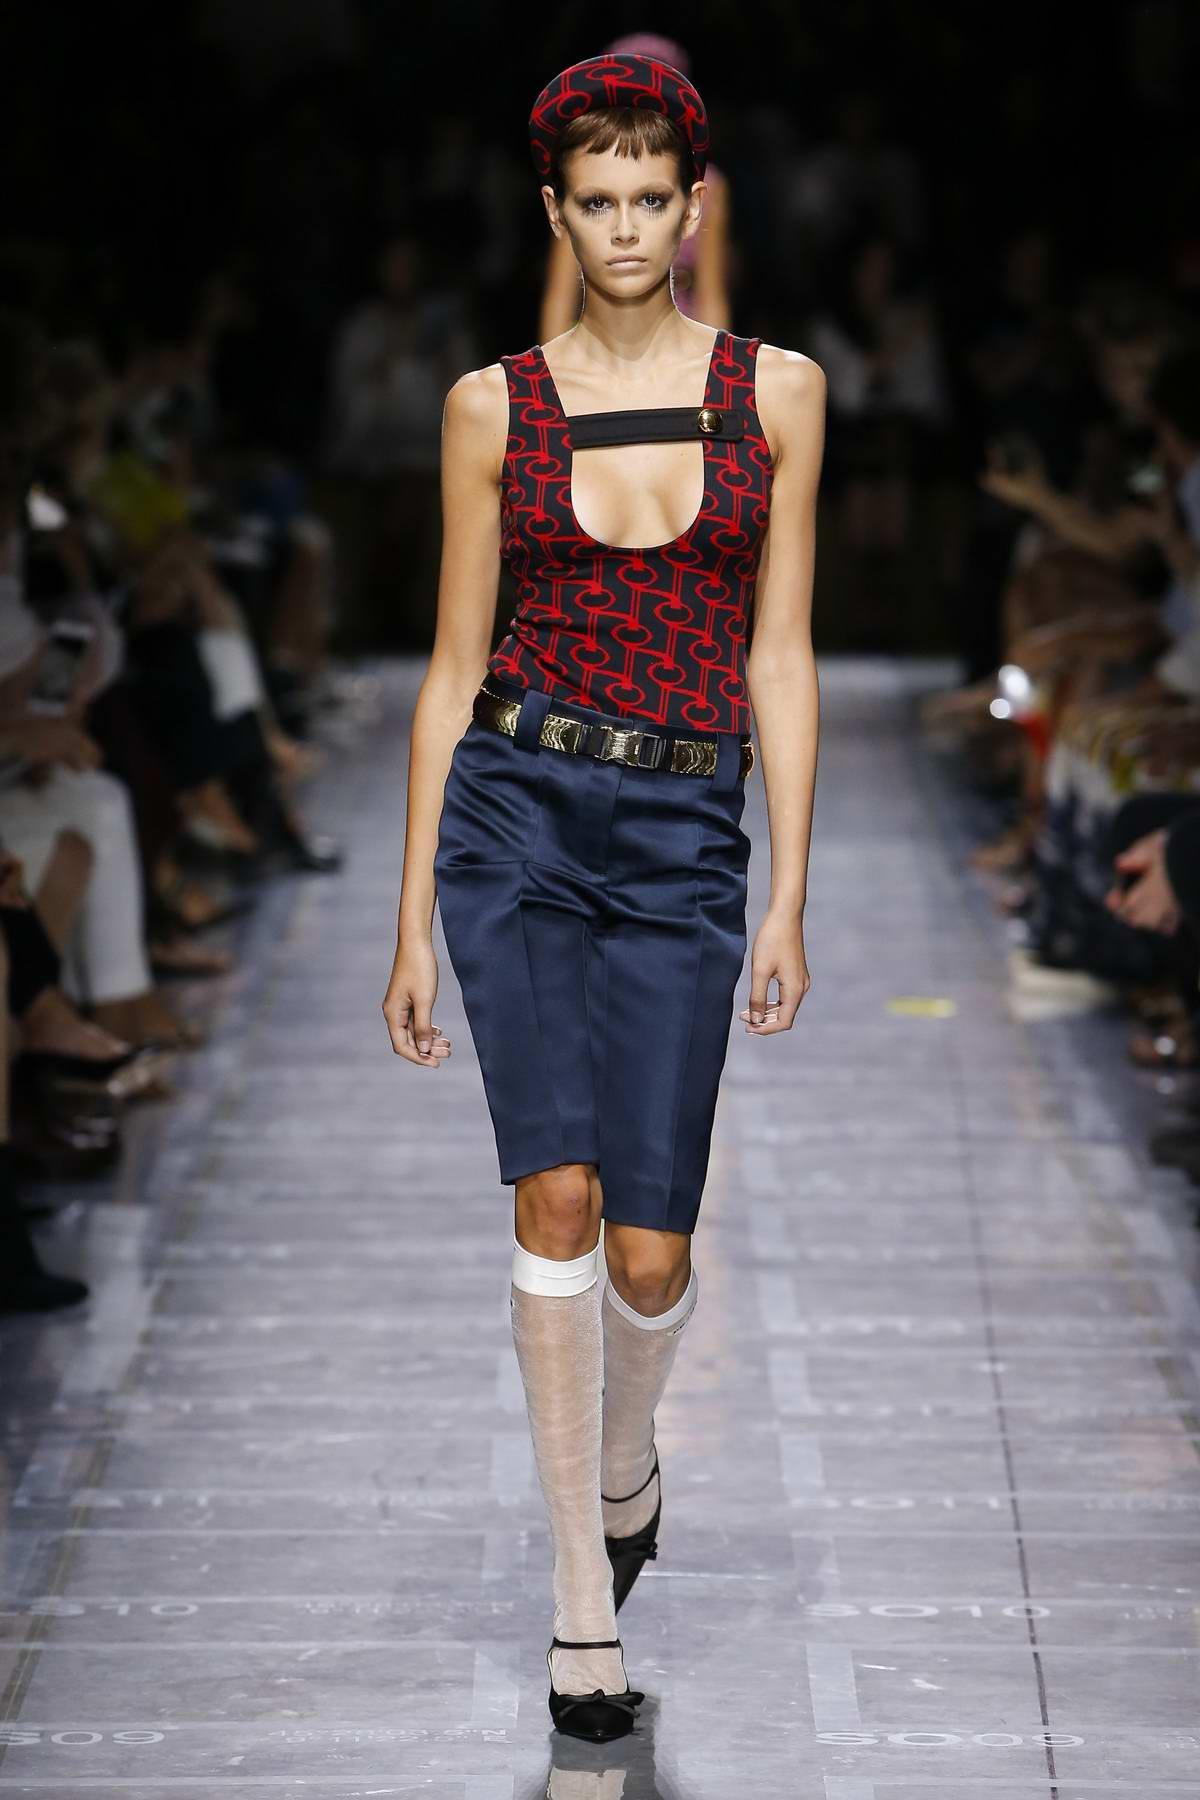 Kaia Gerber walks the runway at Prada Fashion Show, Summer/Spring 2019 during Milan Fashion Week in Milan, Italy